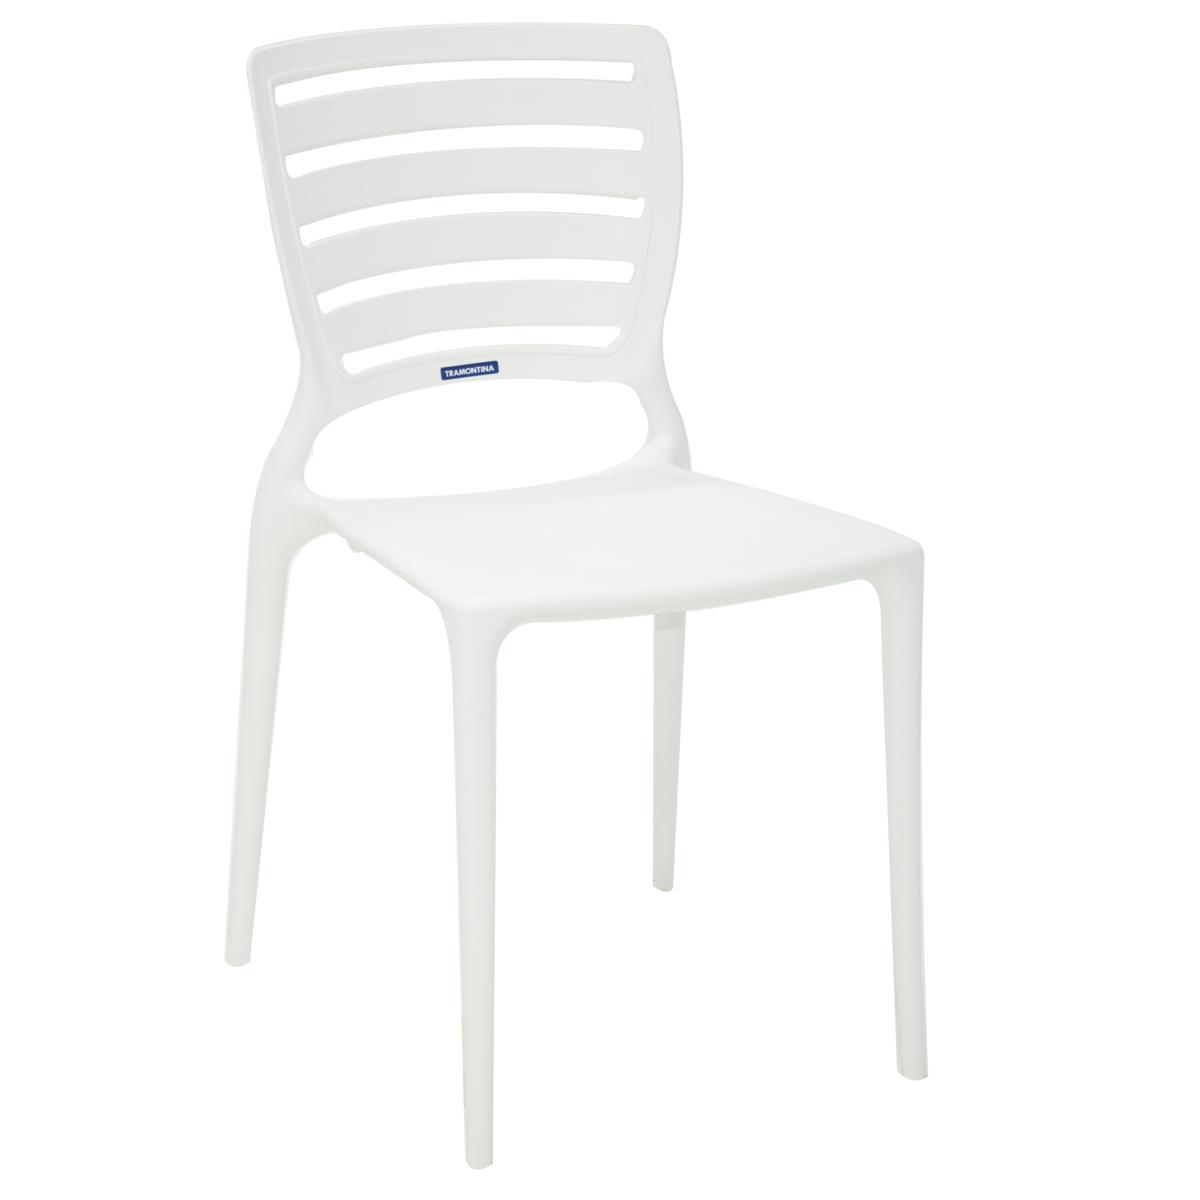 Cadeira Tramontina Sofia em Polipropileno Branca Encosto Horizontal